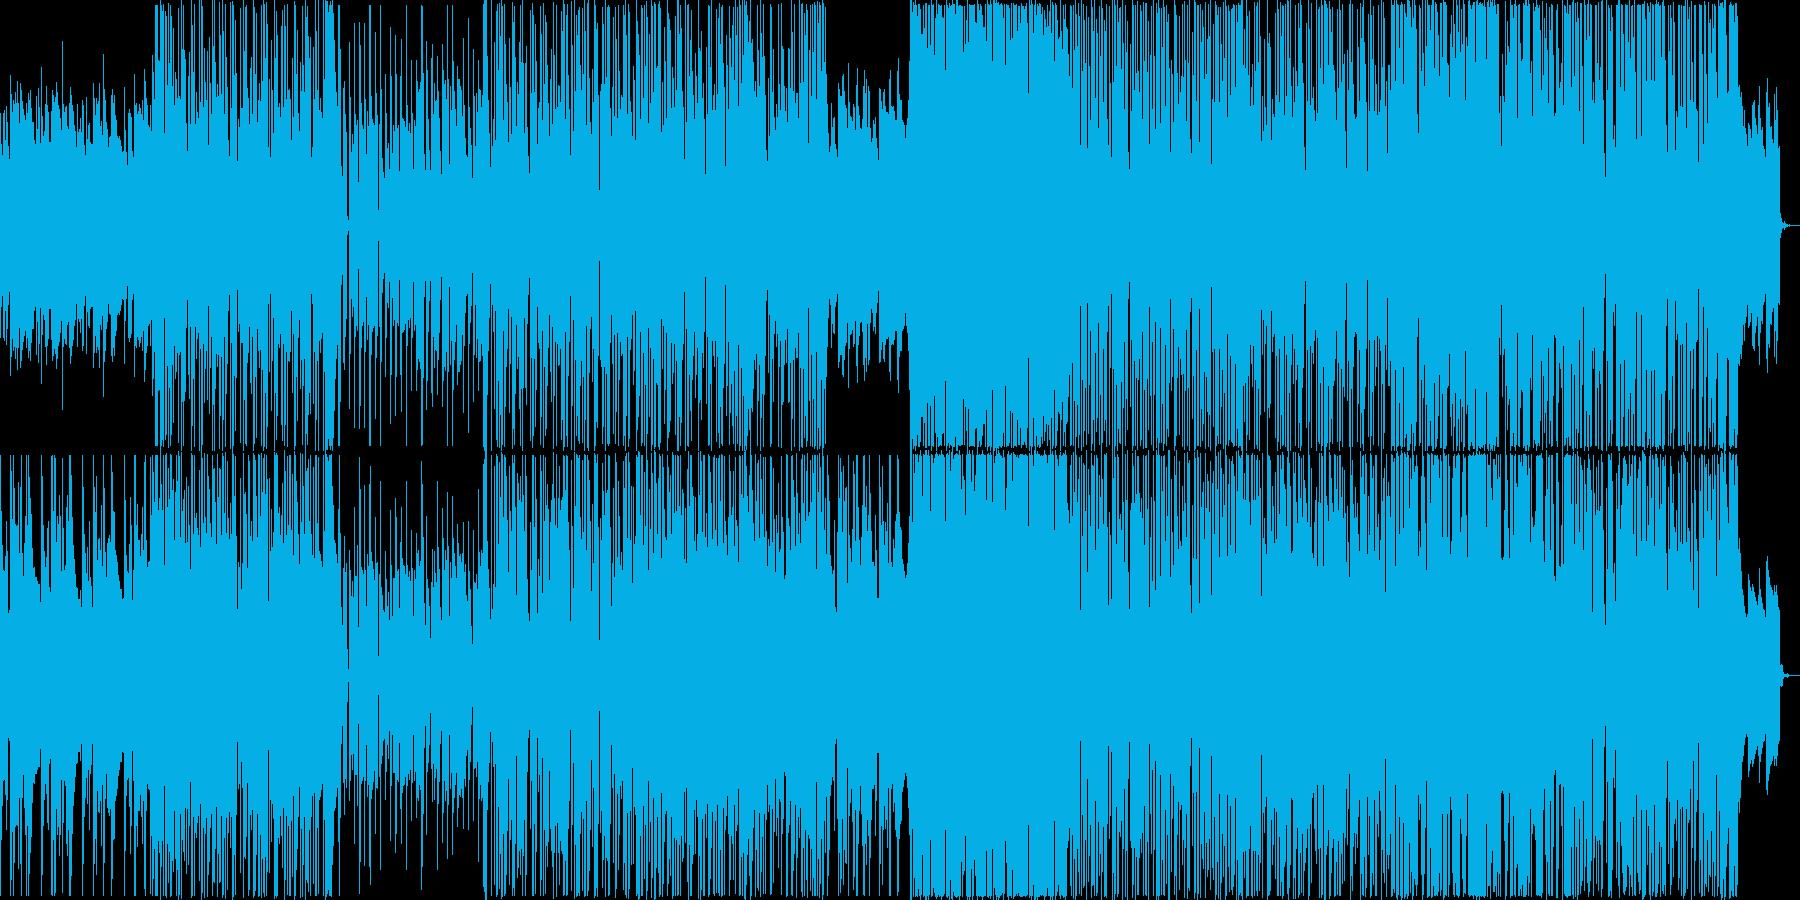 切ない雰囲気のレゲエバラードの再生済みの波形